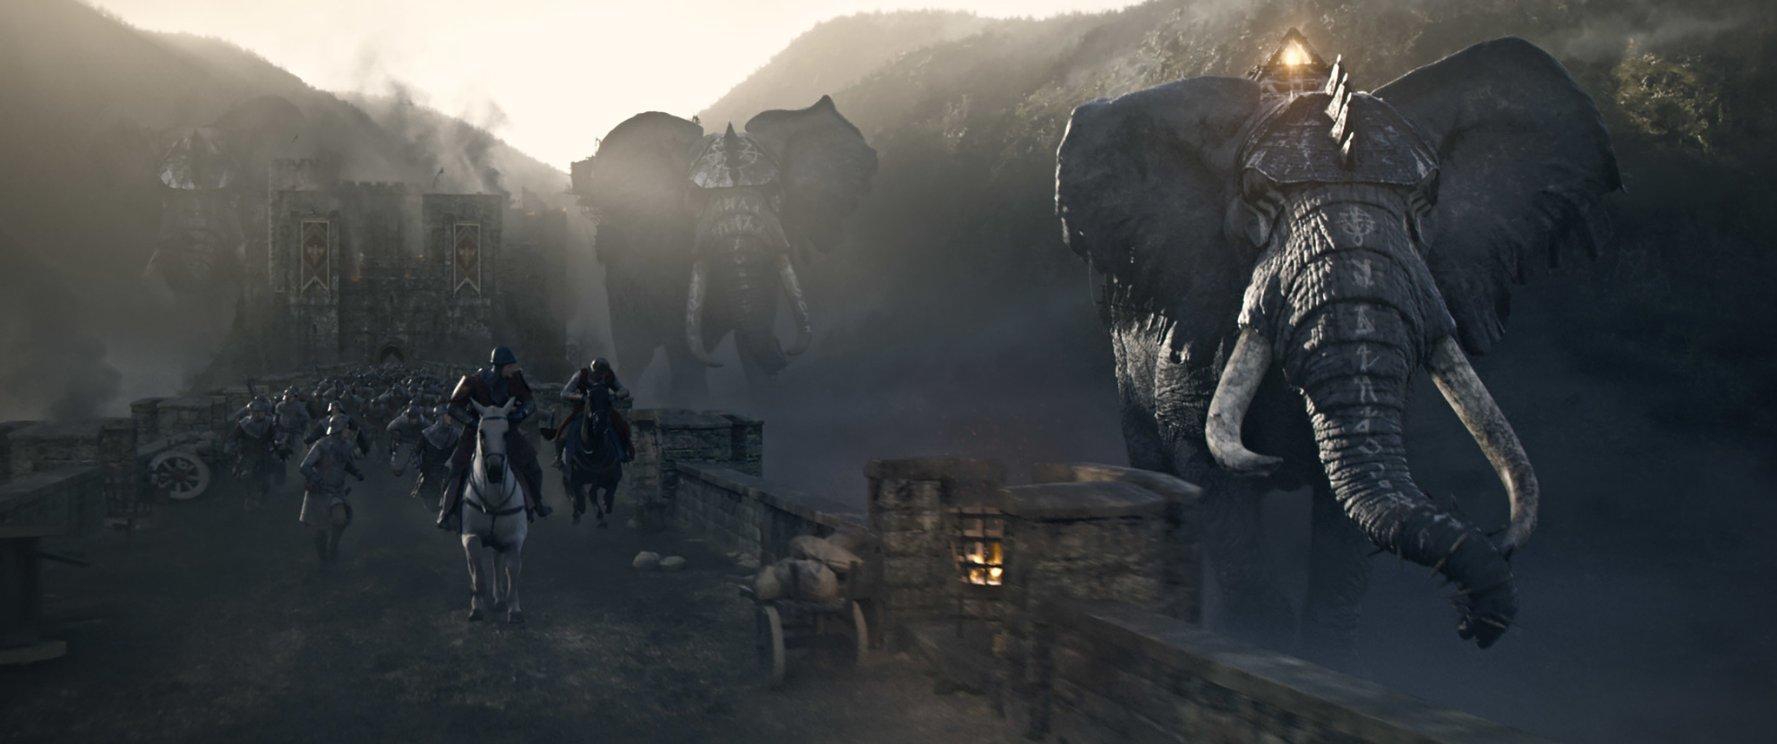 Król Artur: Legenda miecza 3D - napisy